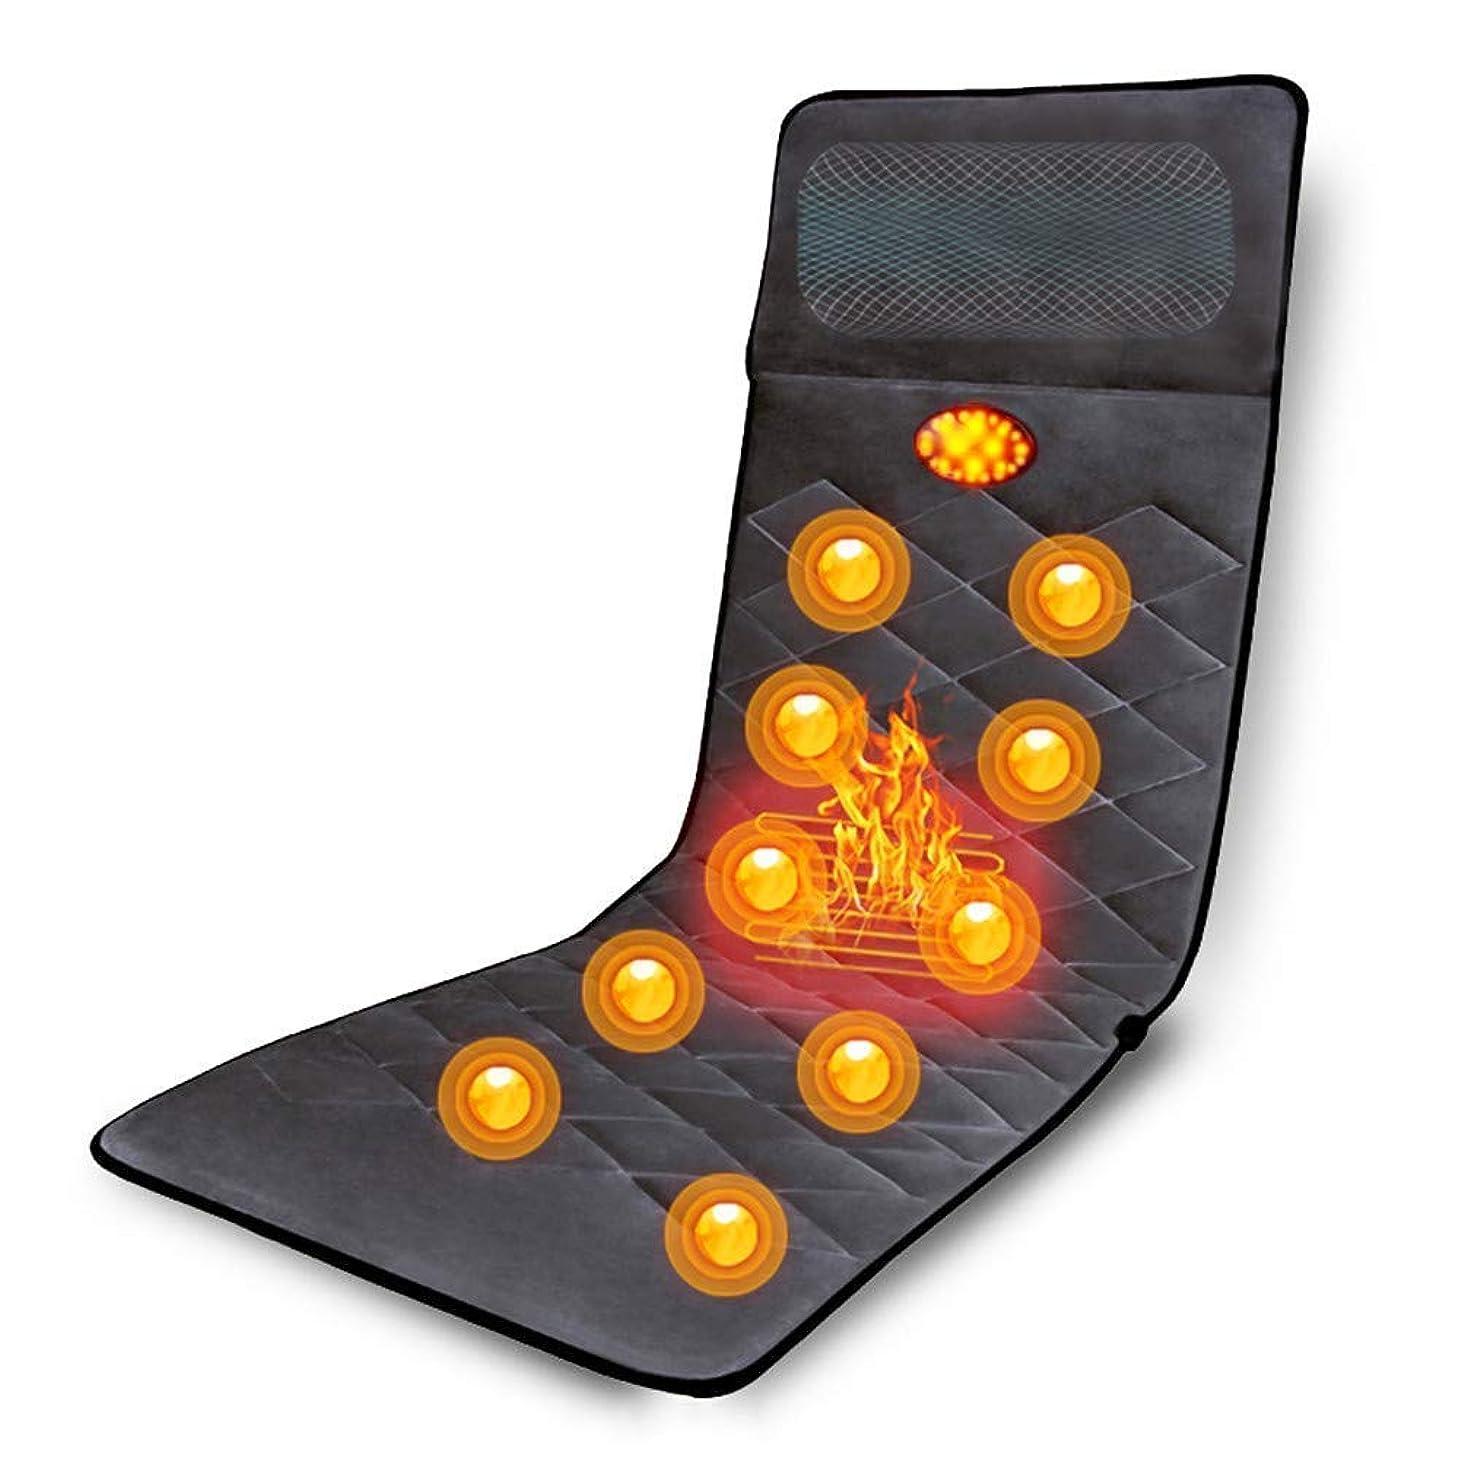 ラインナップいつ論争的マッサージカーシートマッサージチェアクッションバックマッサージ振動パッドカバー付き熱機能ホームオフィス